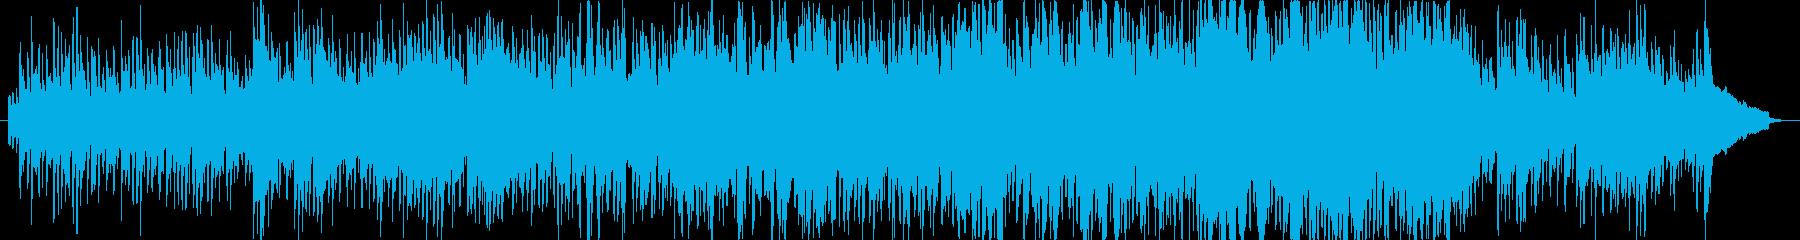 溌剌とした80年代後半なサウンドの再生済みの波形